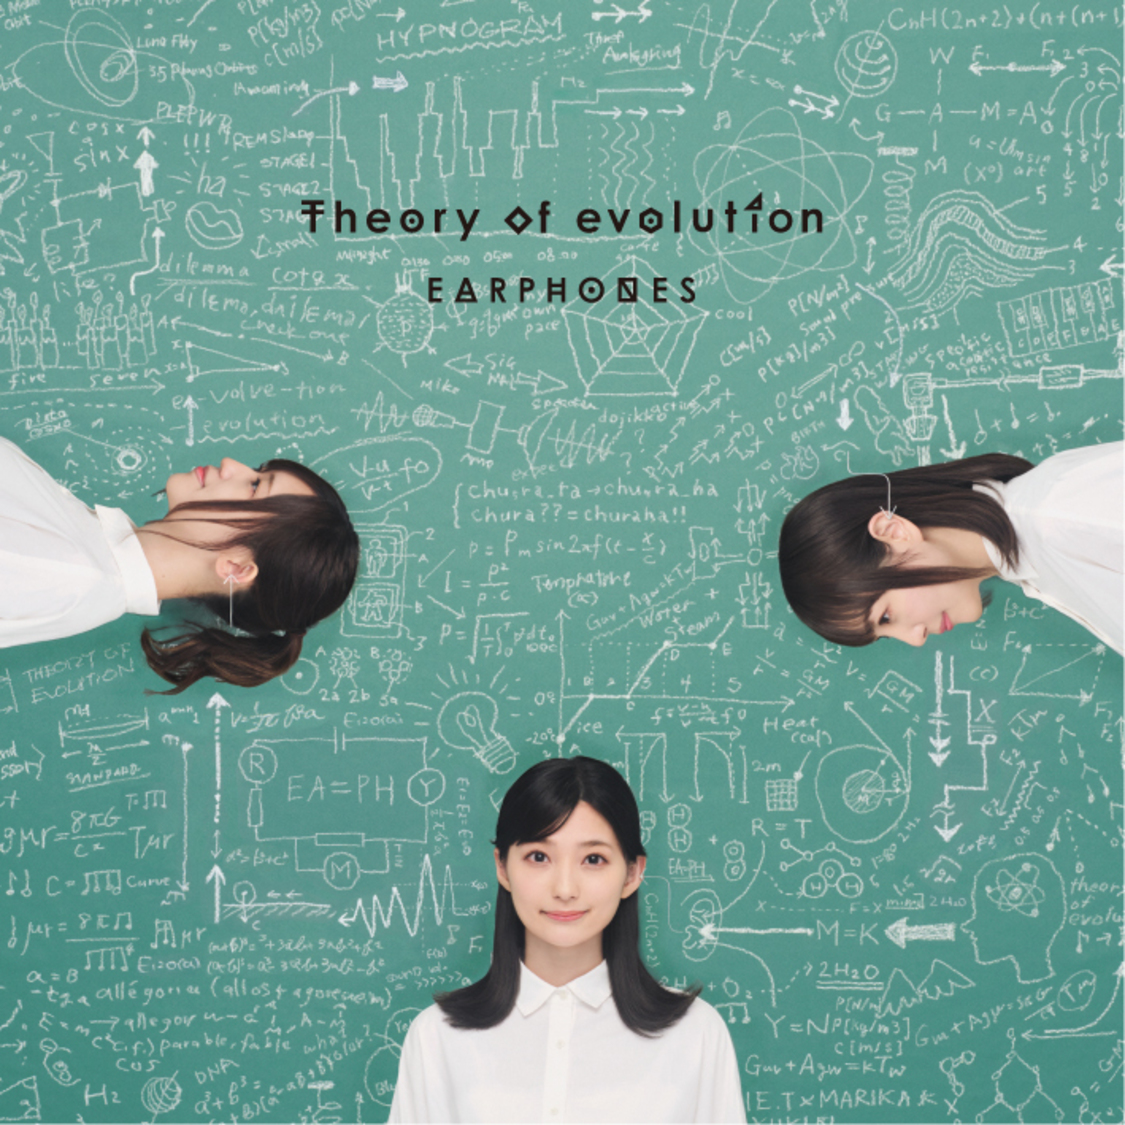 アルバム『Theory of evolution』通常盤